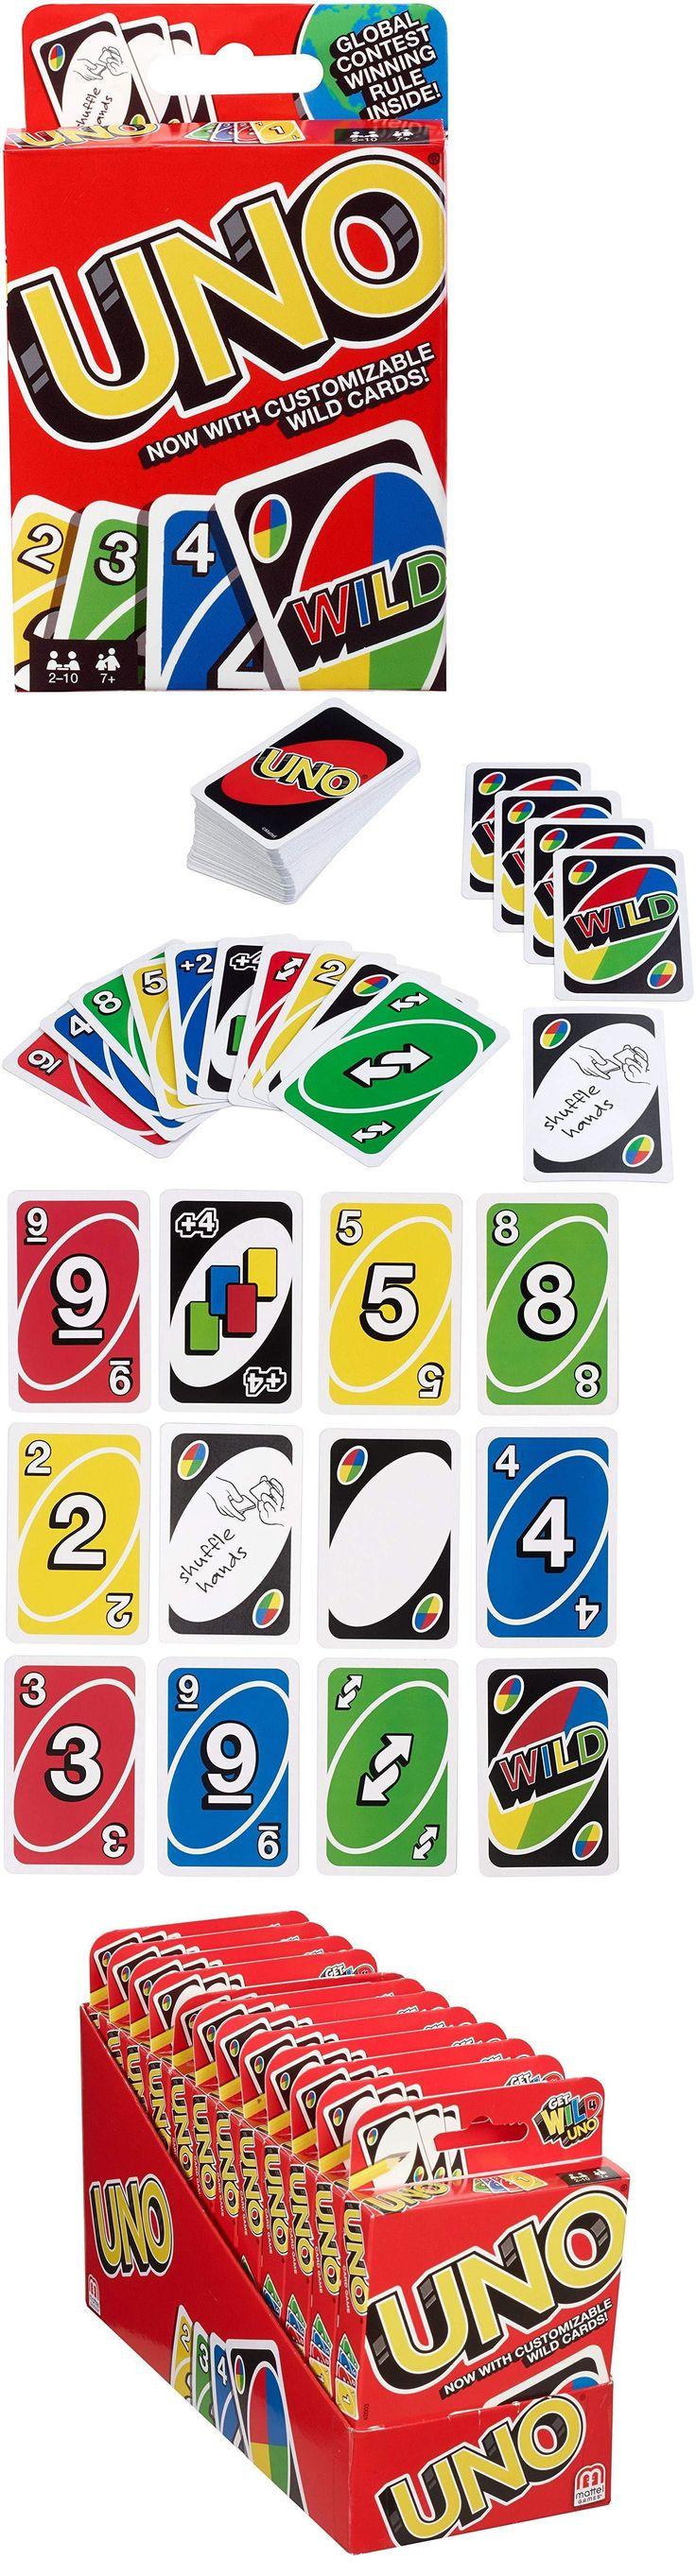 Uno Card Game Online Free News At Card Klimafup Ekstrabladet Dk